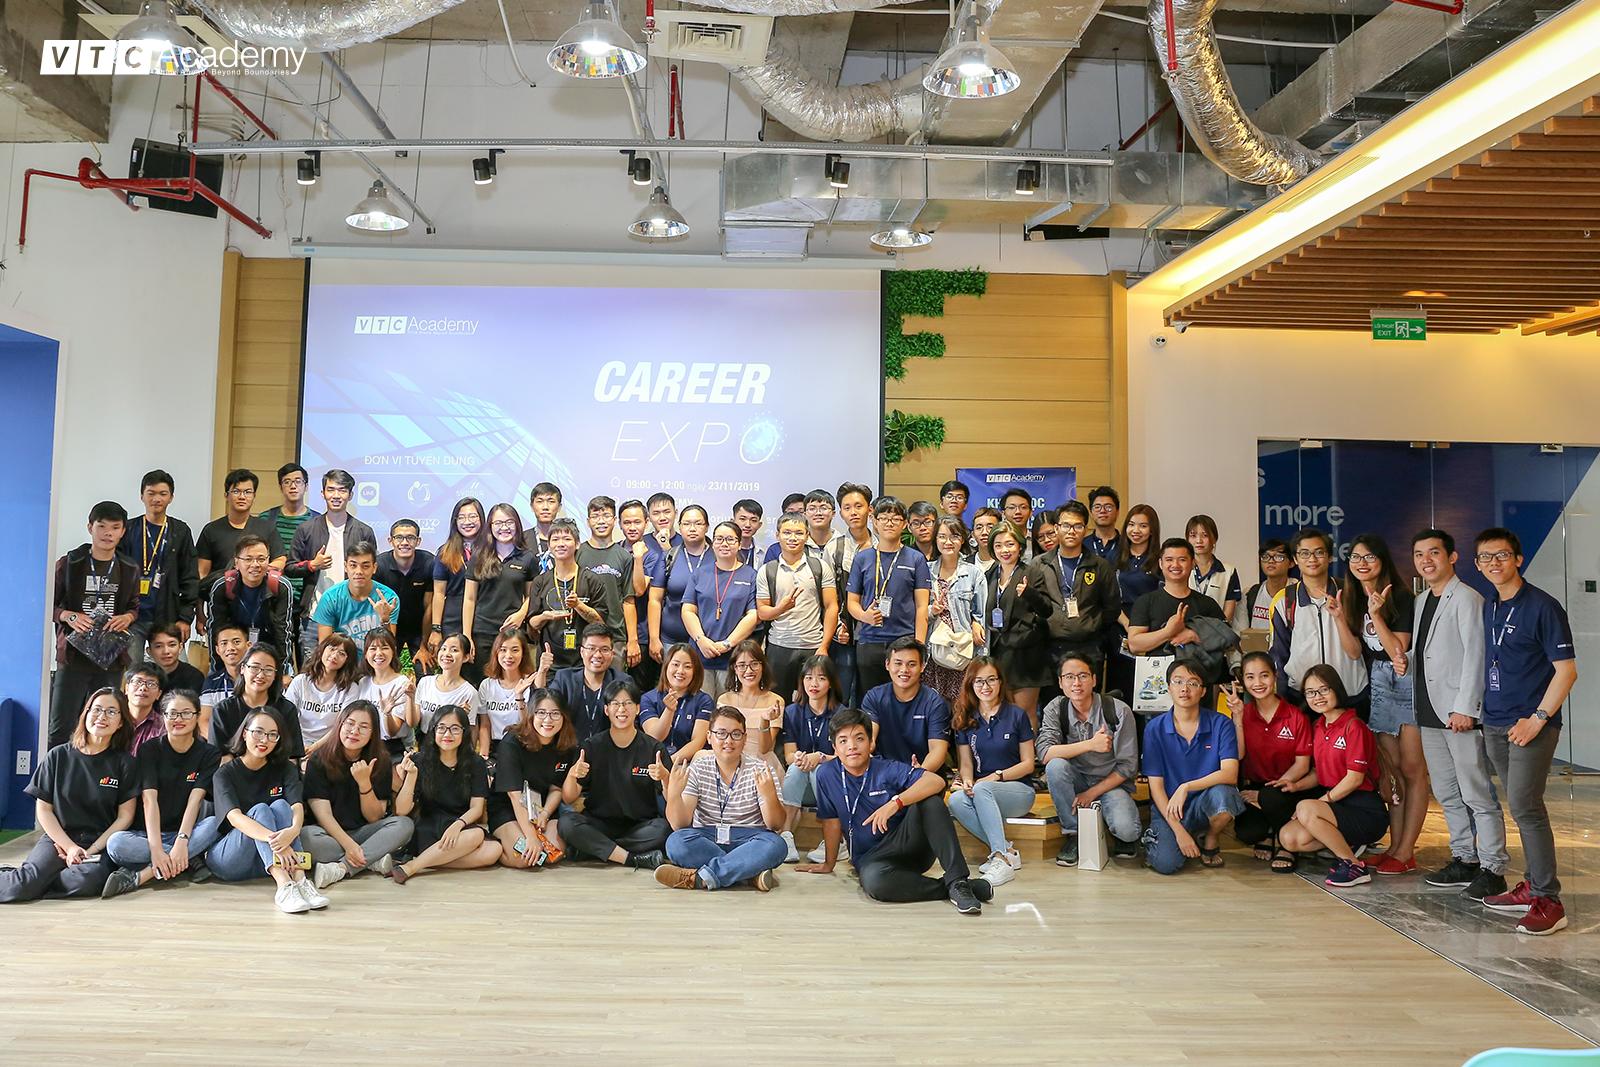 VTC Academy tổ chức Career Expo 2019 tại TP.HCM